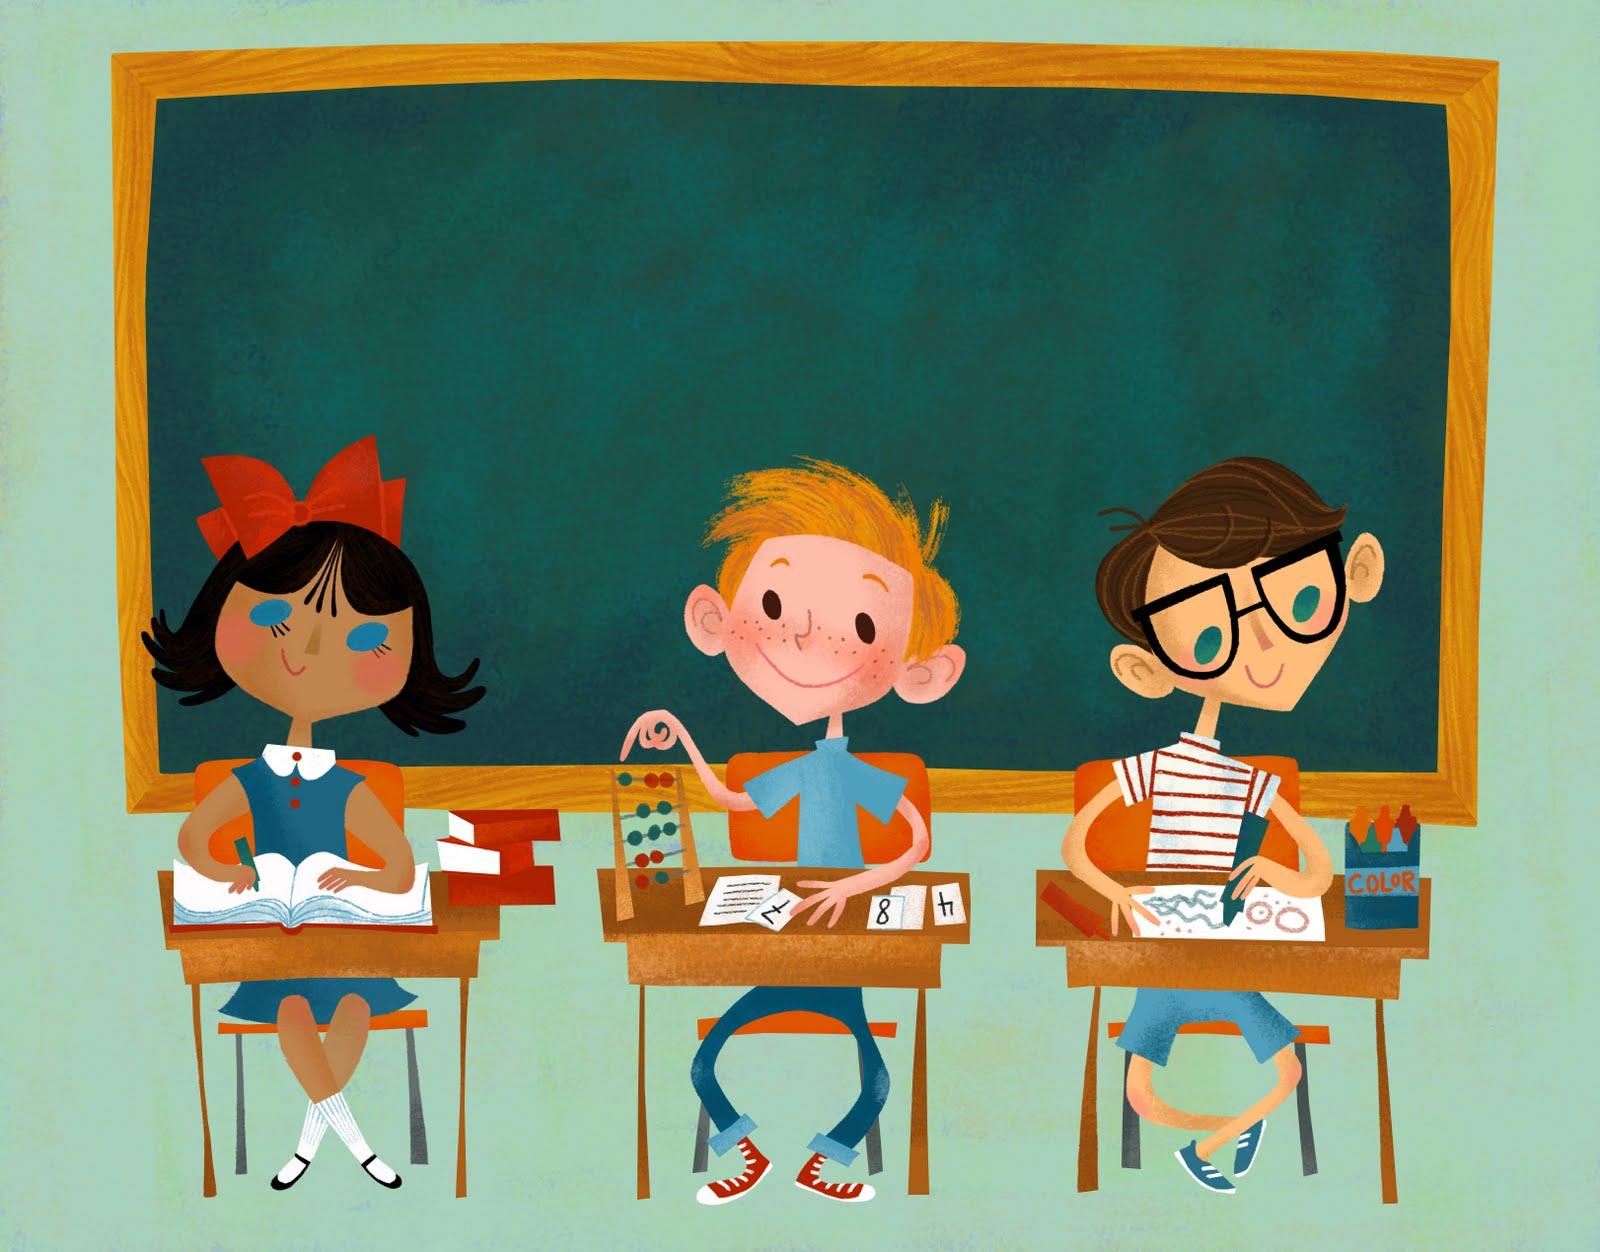 картинка про классы в школе элемент вязания спицами